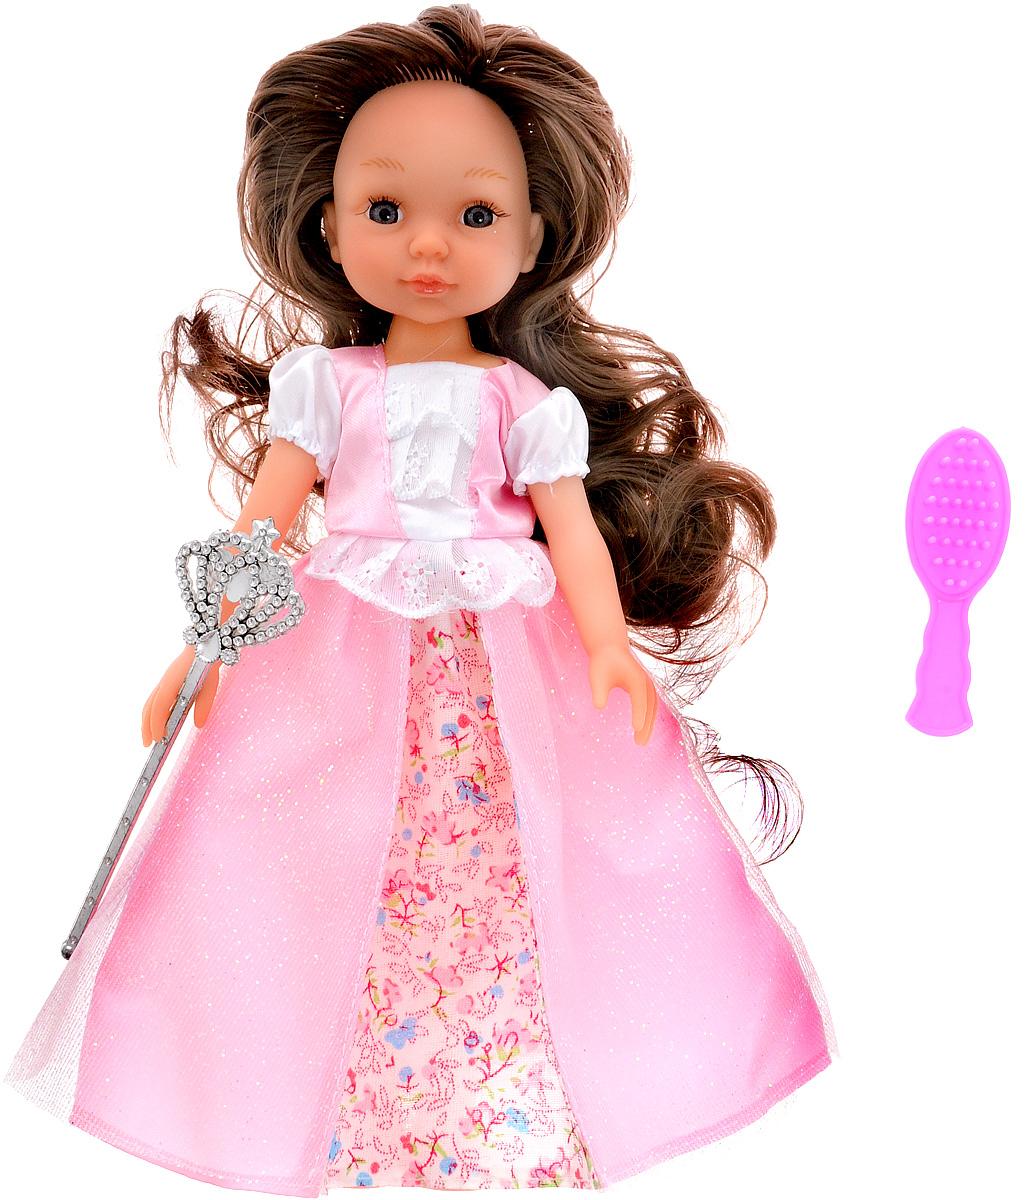 ABtoys Кукла Модница цвет платья розовыйPT-00370Кукла ABtoys Модница может стать хорошим подарком для маленькой девочки. Одета кукла в красивое длинное платье, на ногах у нее - розовые туфельки. У куклы волосы достаточно длинные, поэтому ребенок сможет придумать для нее много вариантов причесок, а наличие в наборе аксессуаров поможет значительно расширить игровые возможности девочки с этой красавицей. Руки, ноги и голова у куклы подвижны, что позволит ей придавать различные позы, а материалы, из которых изготовлена эта игрушка, безопасны для здоровья.